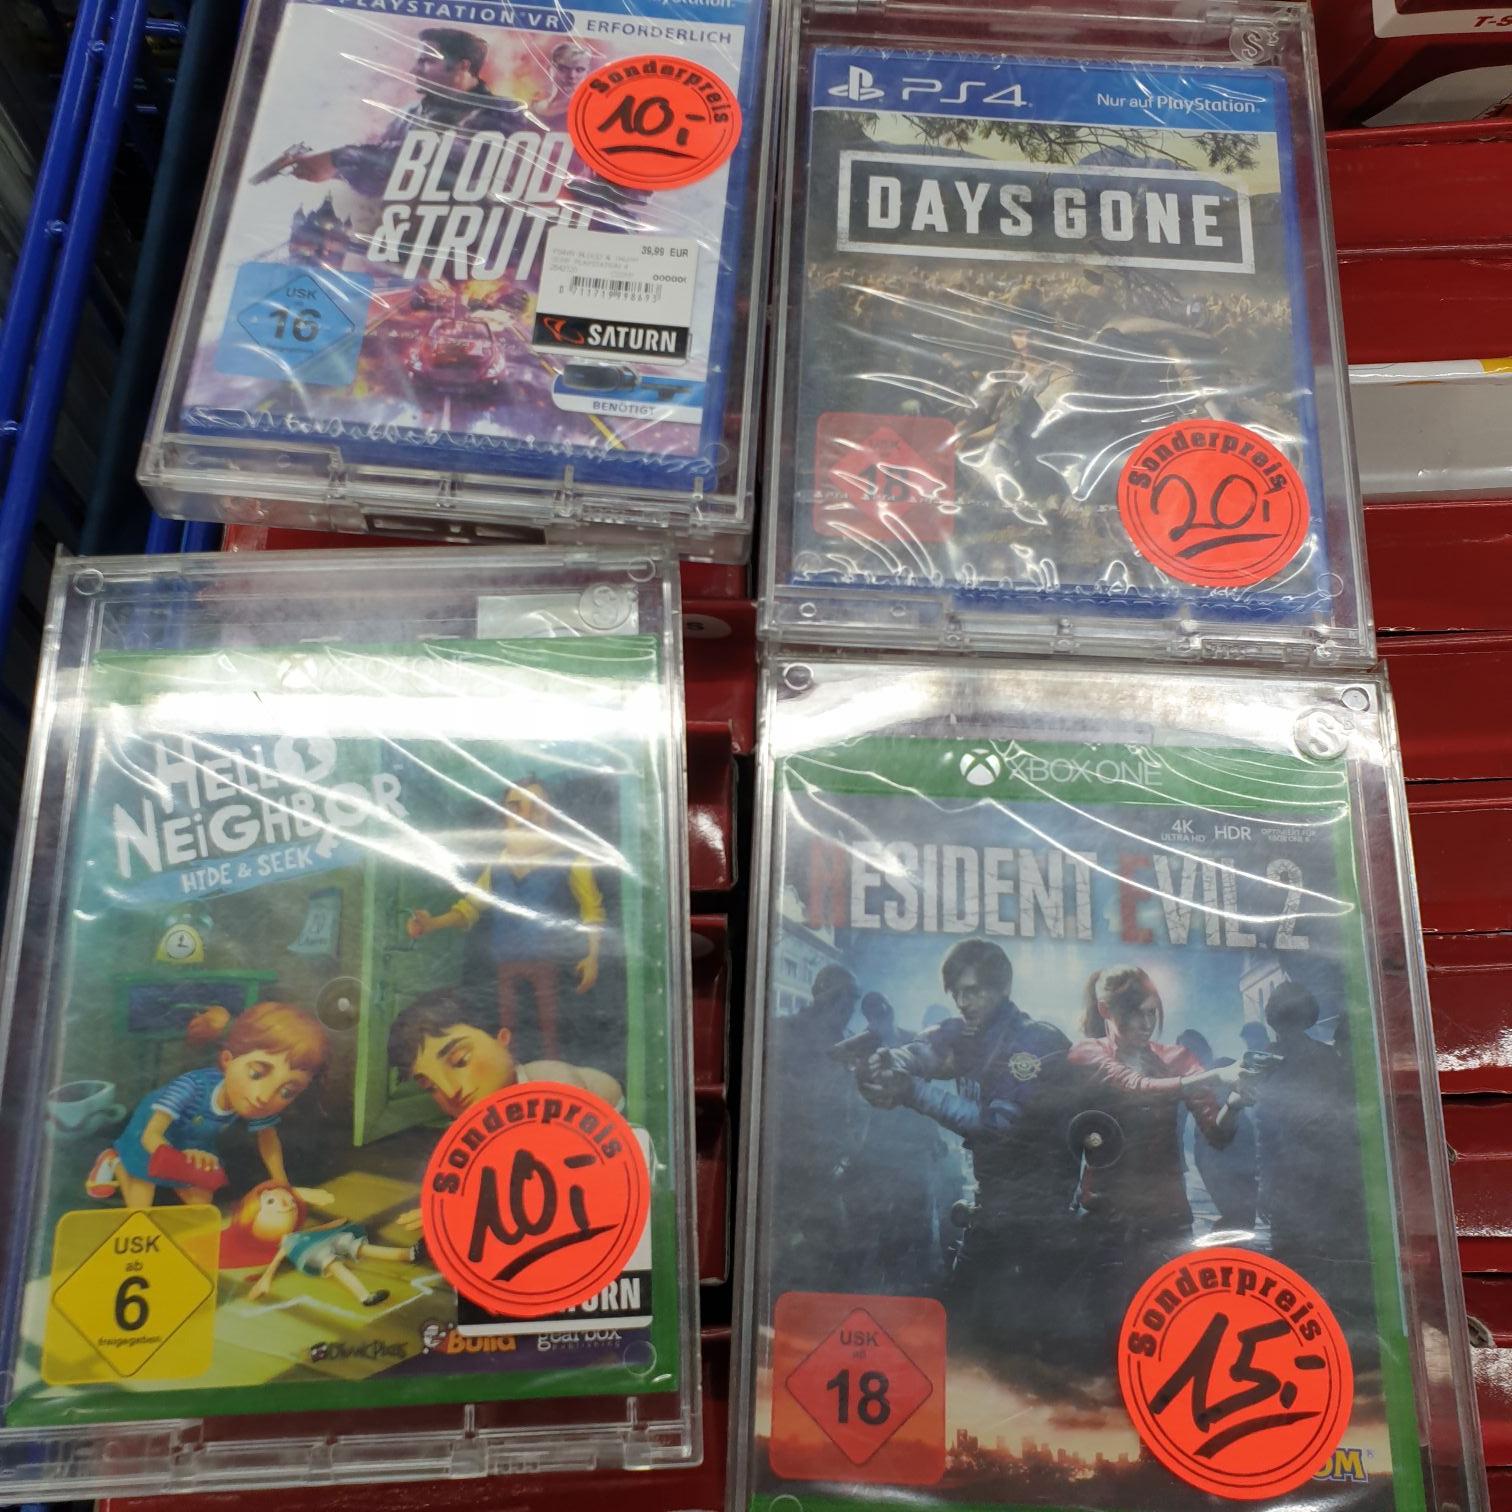 !LOKAL! Saturn Münster (Arkaden) Diverse PS4 und XBox One Spiele zu Sonderpreisen z. B. Blood & Truth für 9 € oder Days Gone für 18 €